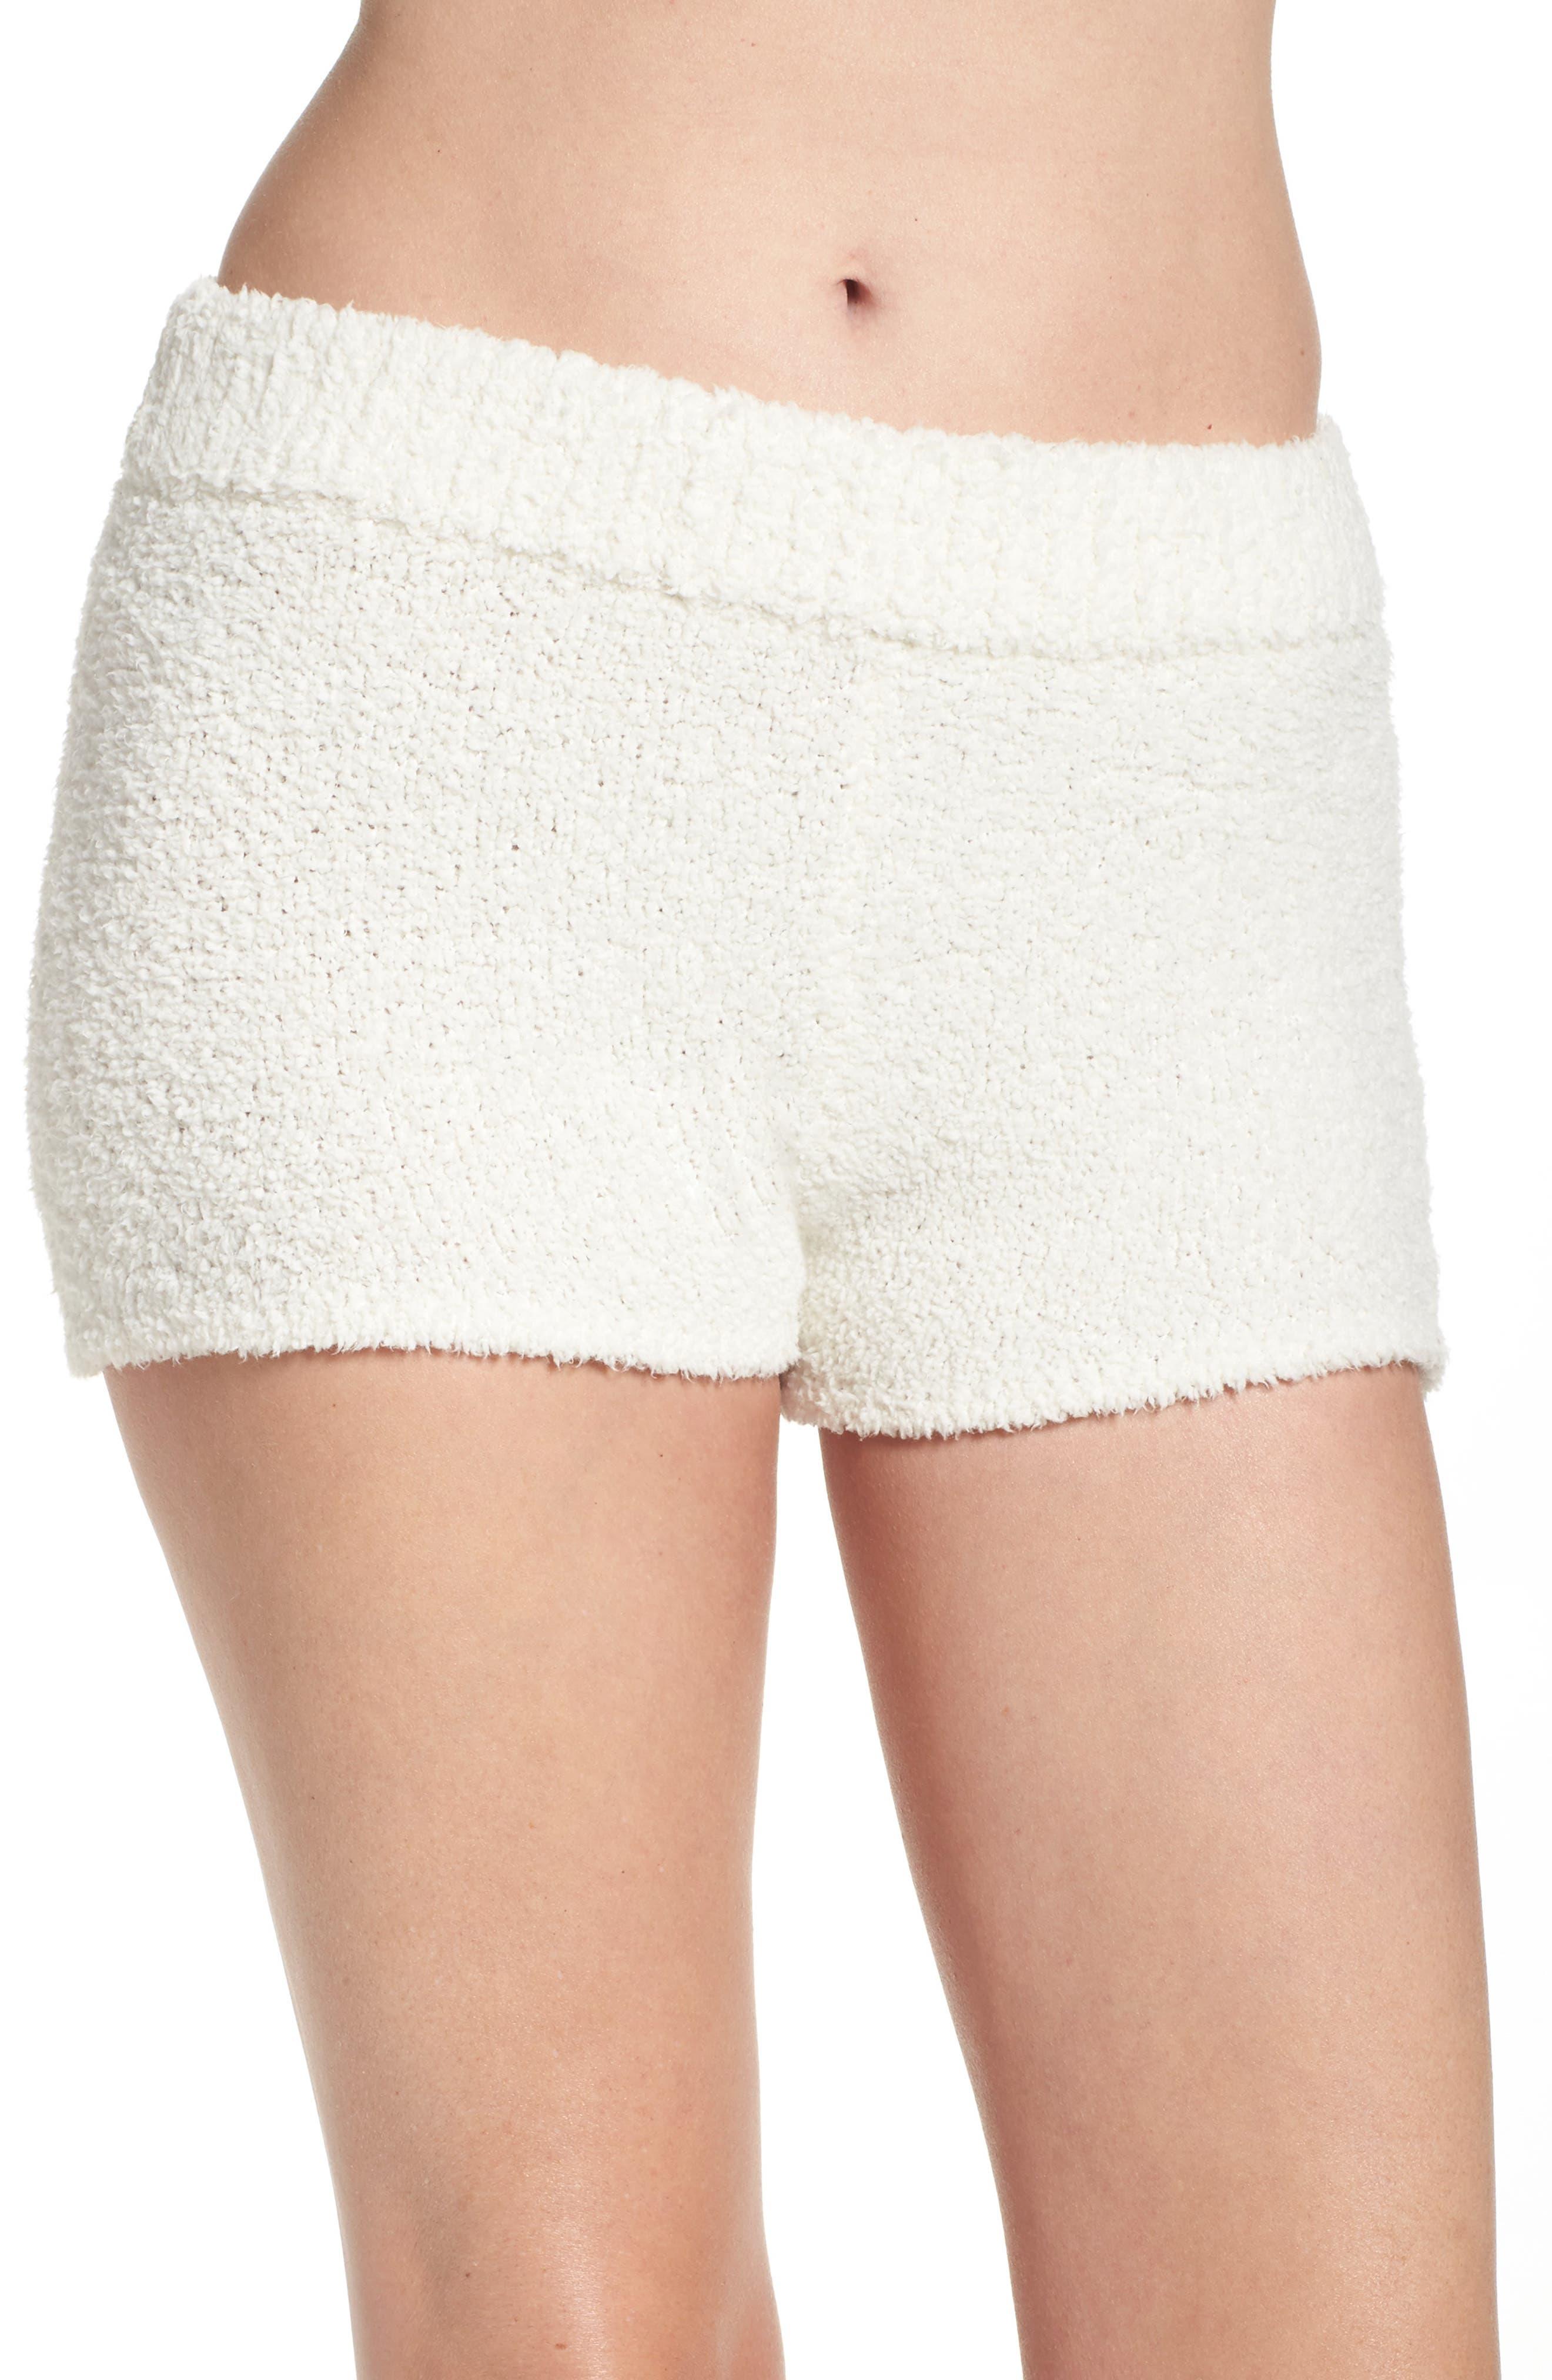 Sweater Knit Pajama Shorts,                             Main thumbnail 1, color,                             900